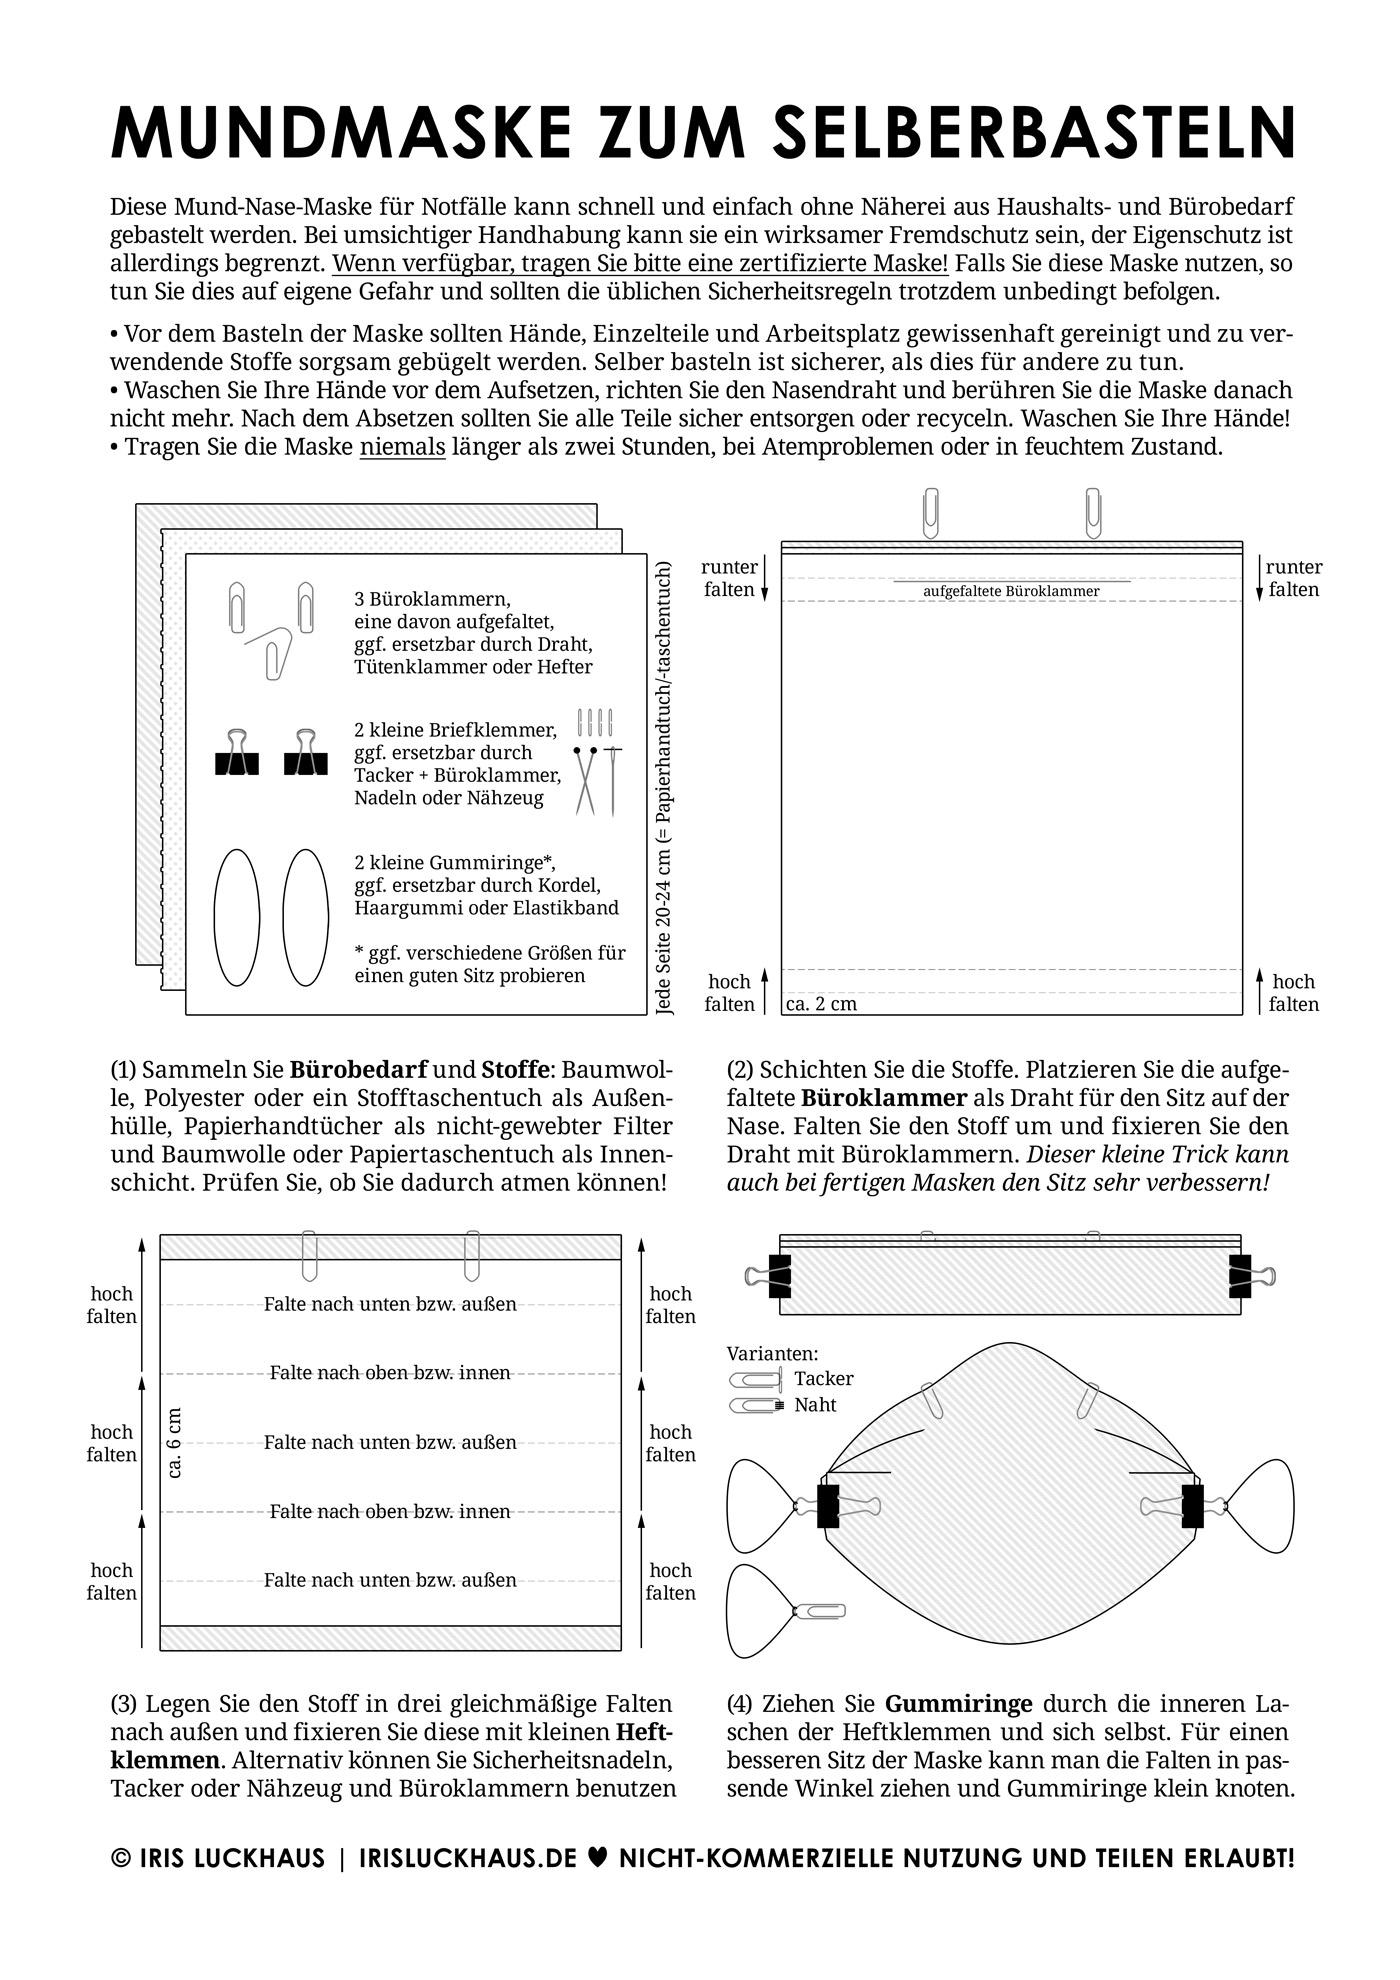 Mundmaske für Notfälle zum schnellen Selberbasteln ohne Nähen